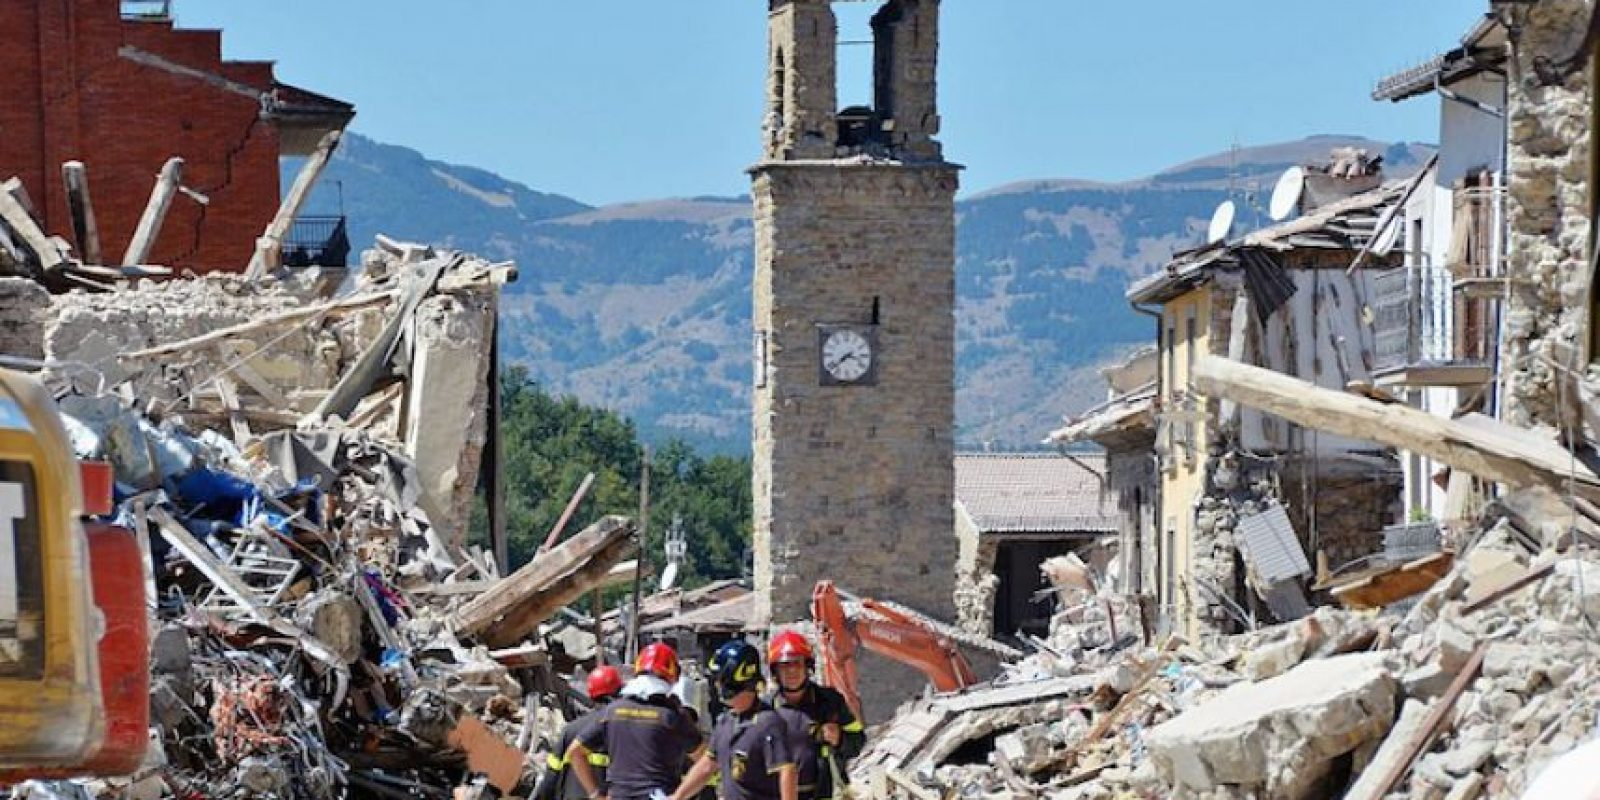 La fiscalía abrió indagaciones sobre el campanario de la iglesia de Accumoli, que se derrumbó sobre una casa causando la muerte de un matrimonio y sus dos hijos. Foto:Getty Images/ Archivo